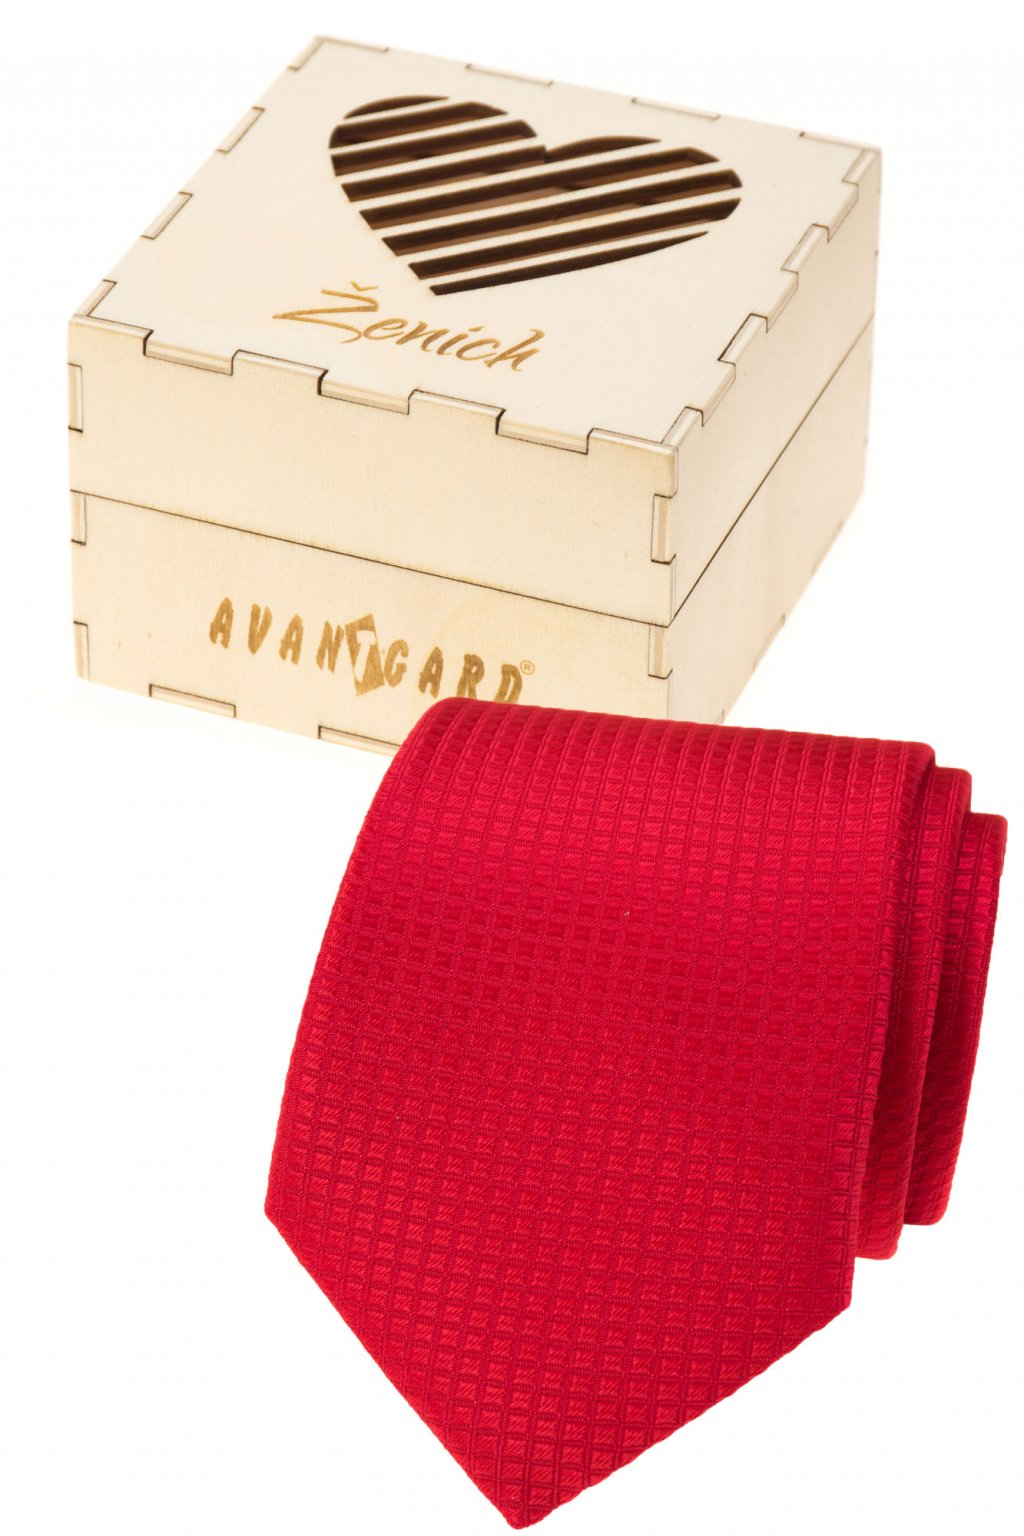 Dárkový set Ženich - Kravata v dárkové dřevěné krabičce s nápisem červená, přírodní dřevo 919 - 37222